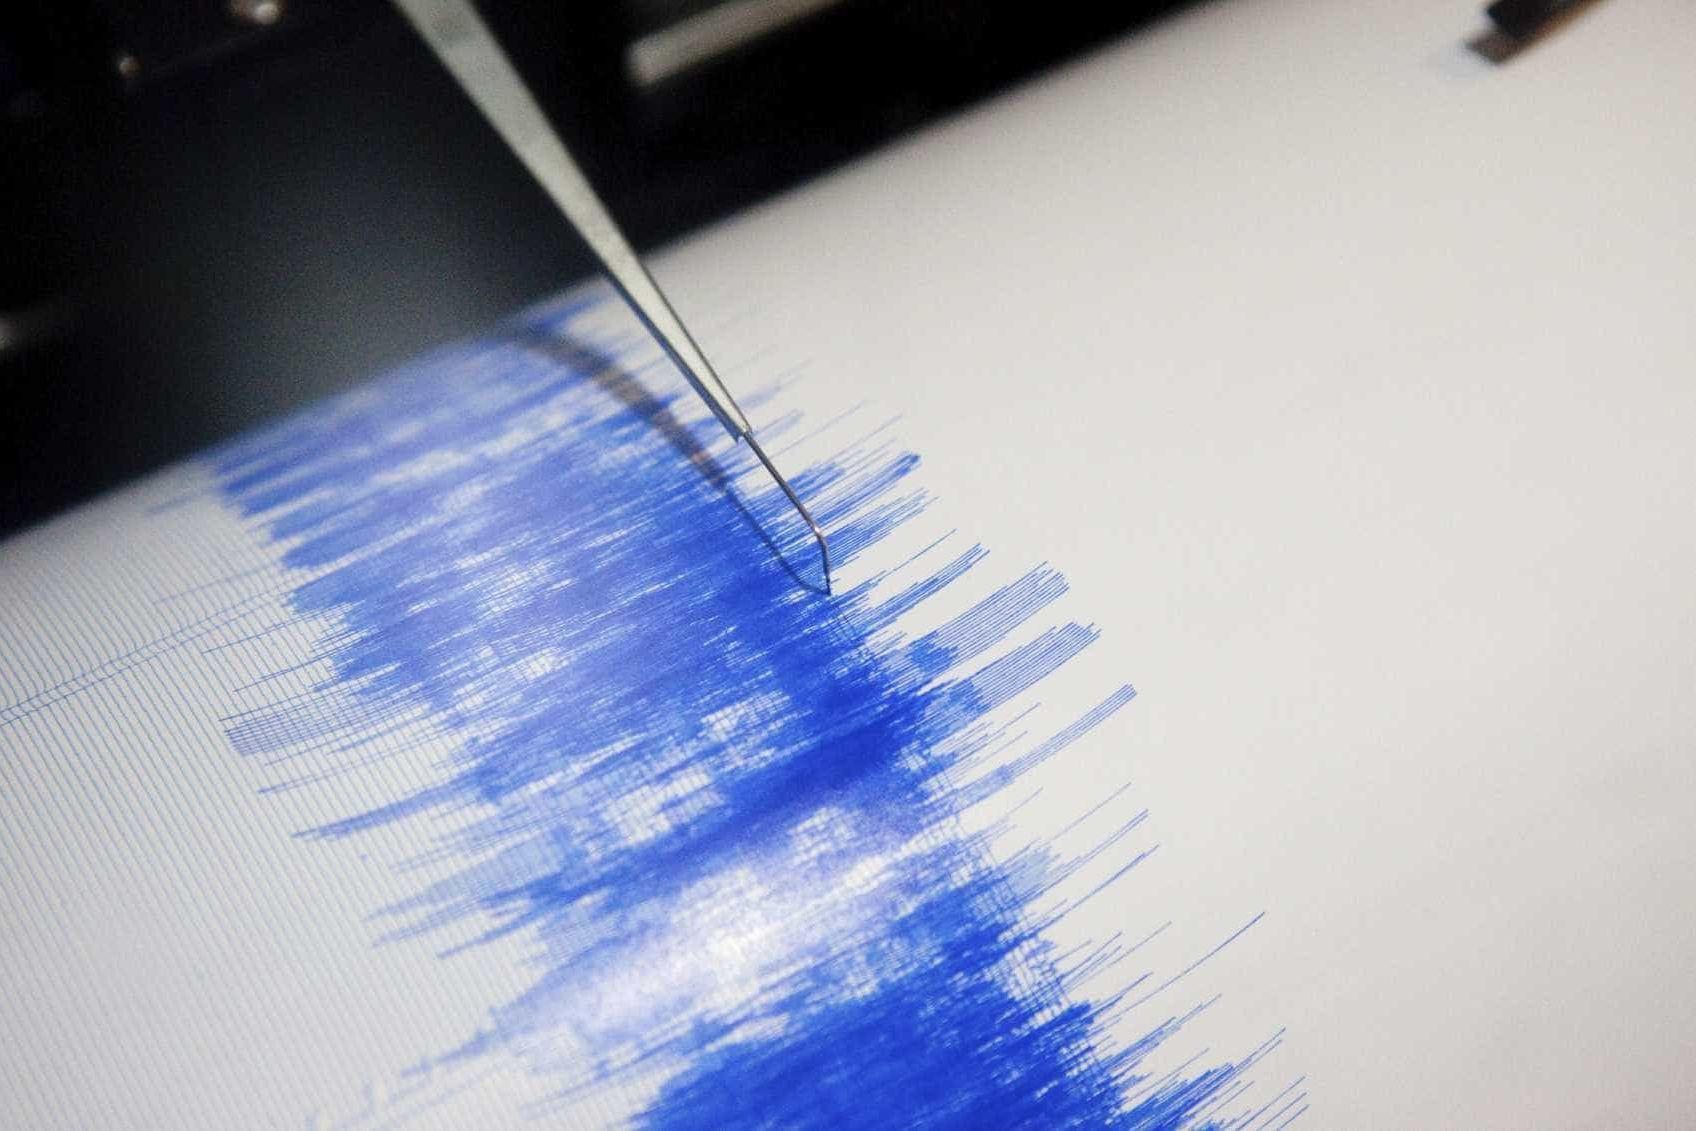 Sismo de 2,7 na escala de Richter sentido no Alentejo